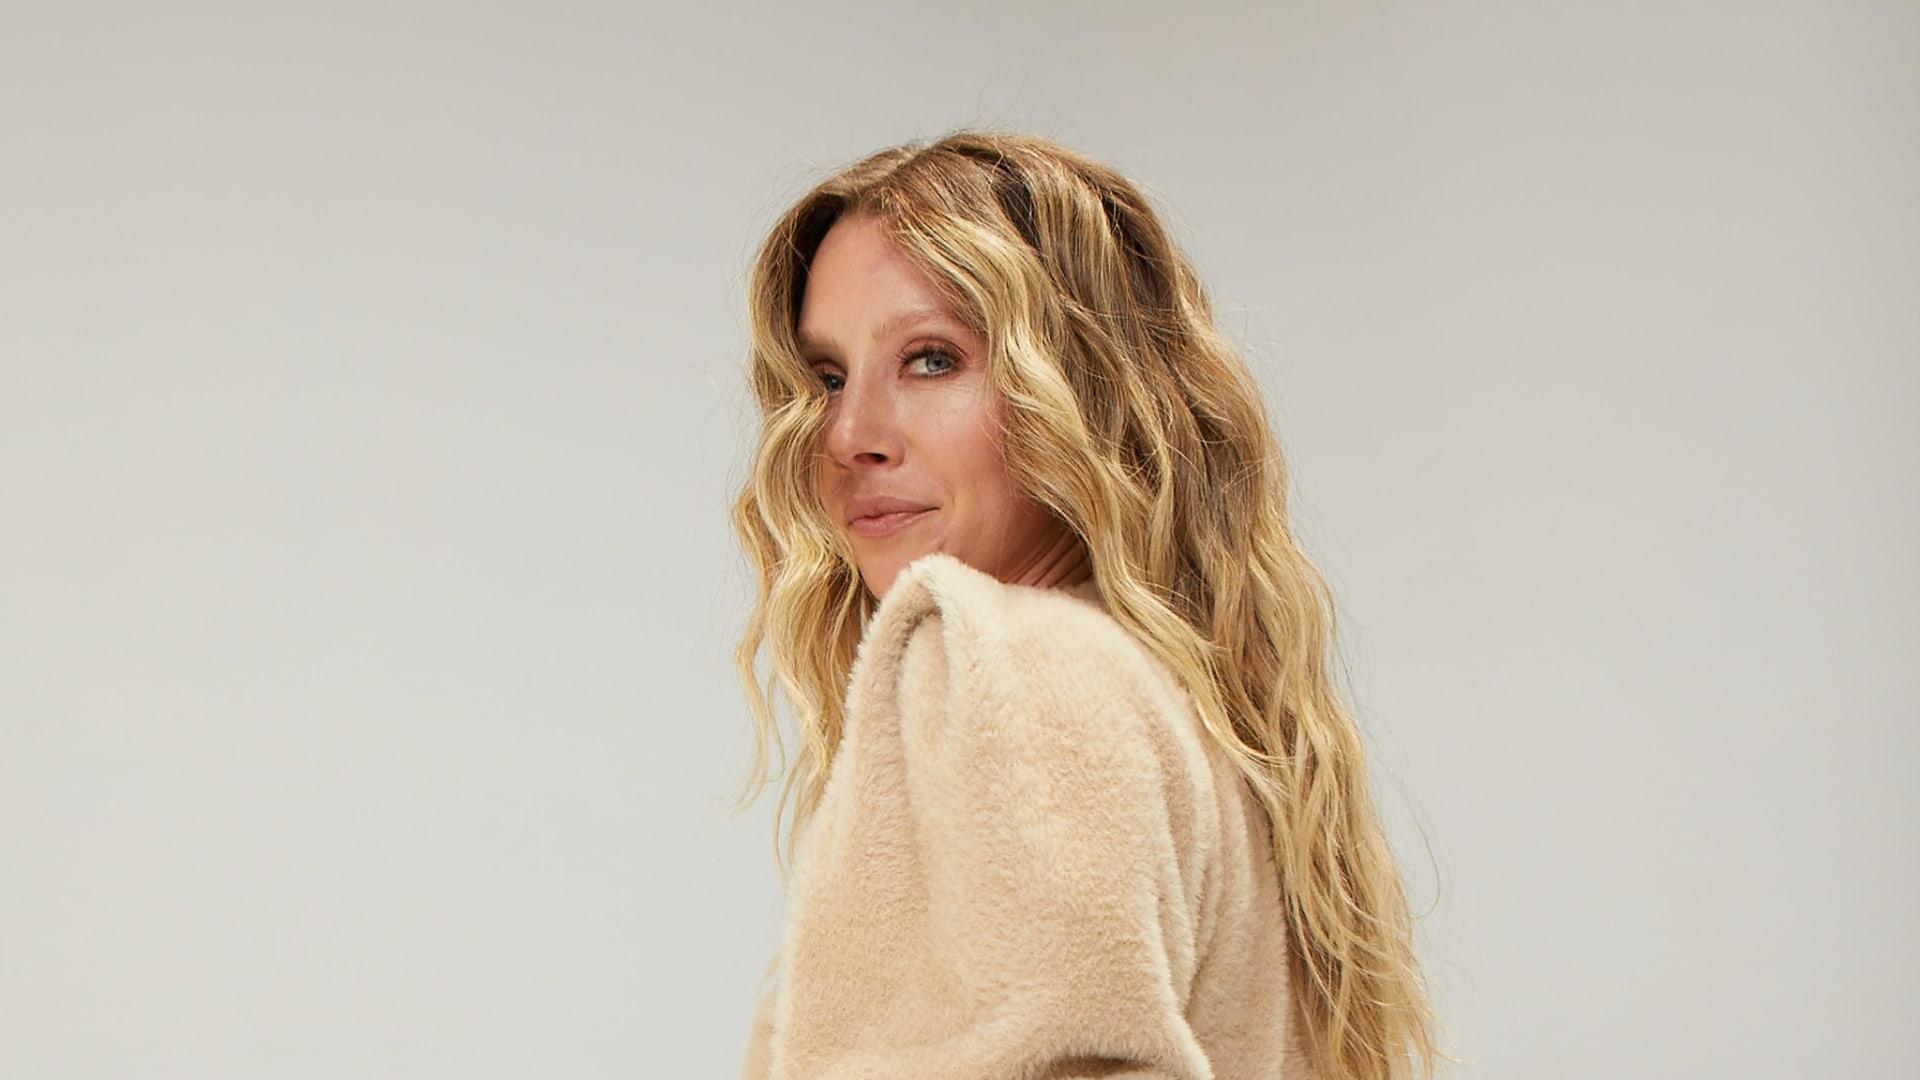 Cassandra Morales Thurswell, founder of Kitsch.